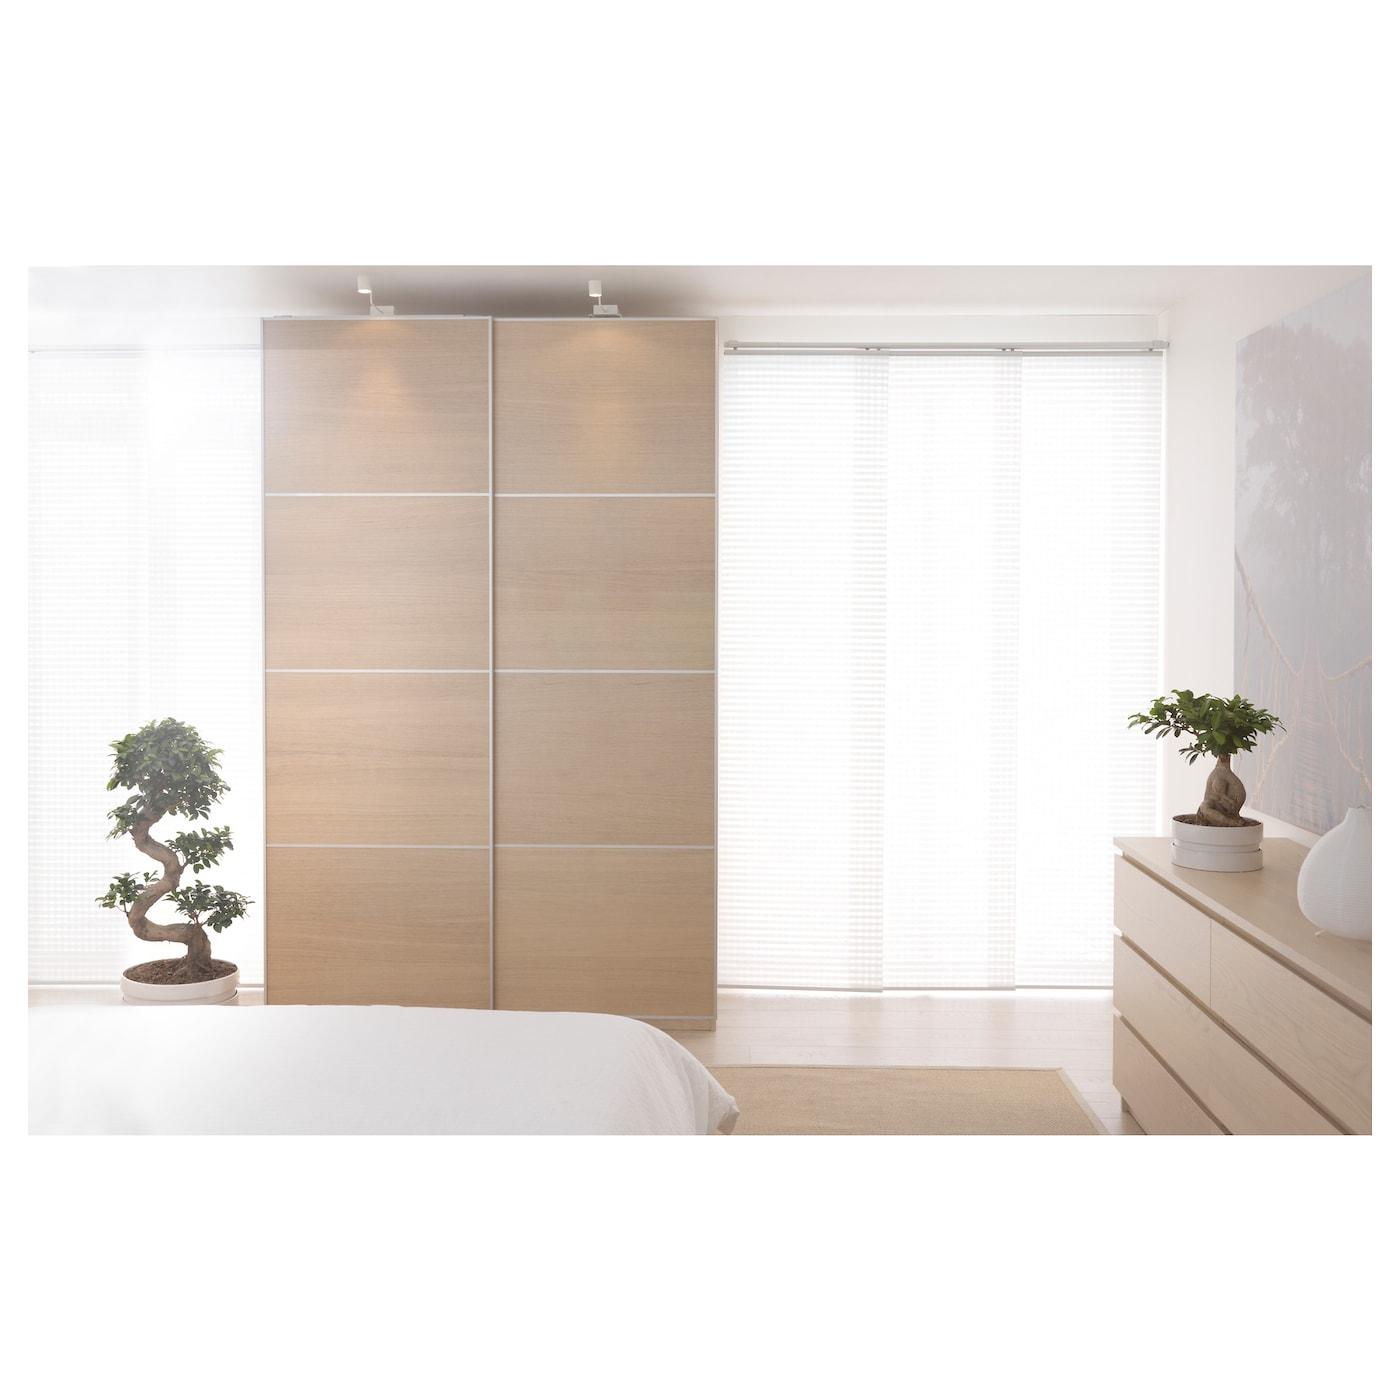 Ilseng Pair Of Sliding Doors White Stained Oak Veneer